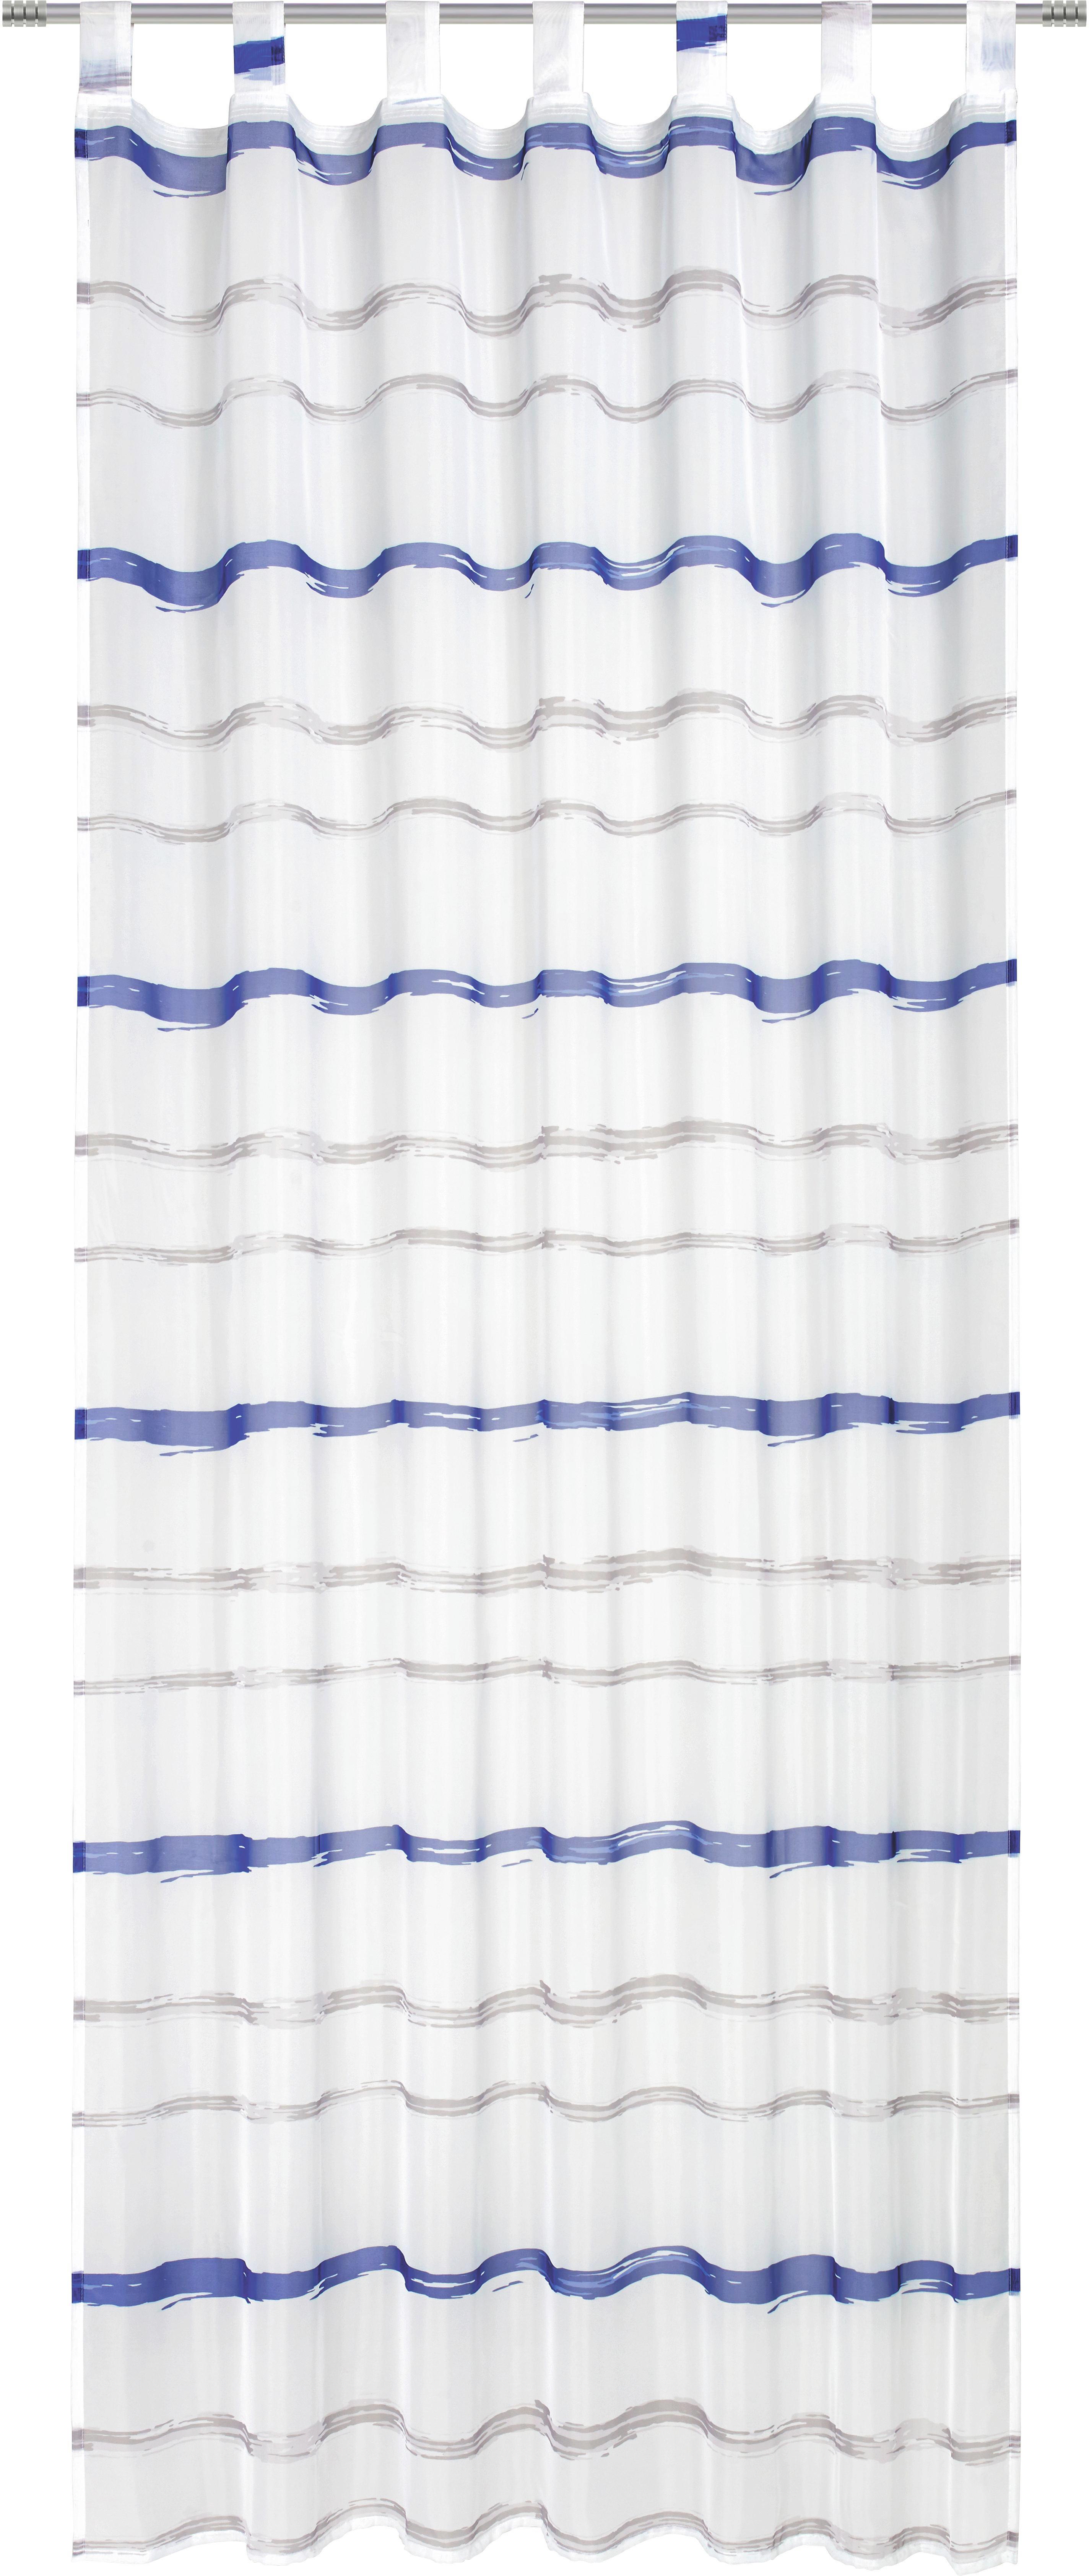 Készfüggöny Matthias - fekete/kék, textil (135/255cm) - MÖMAX modern living